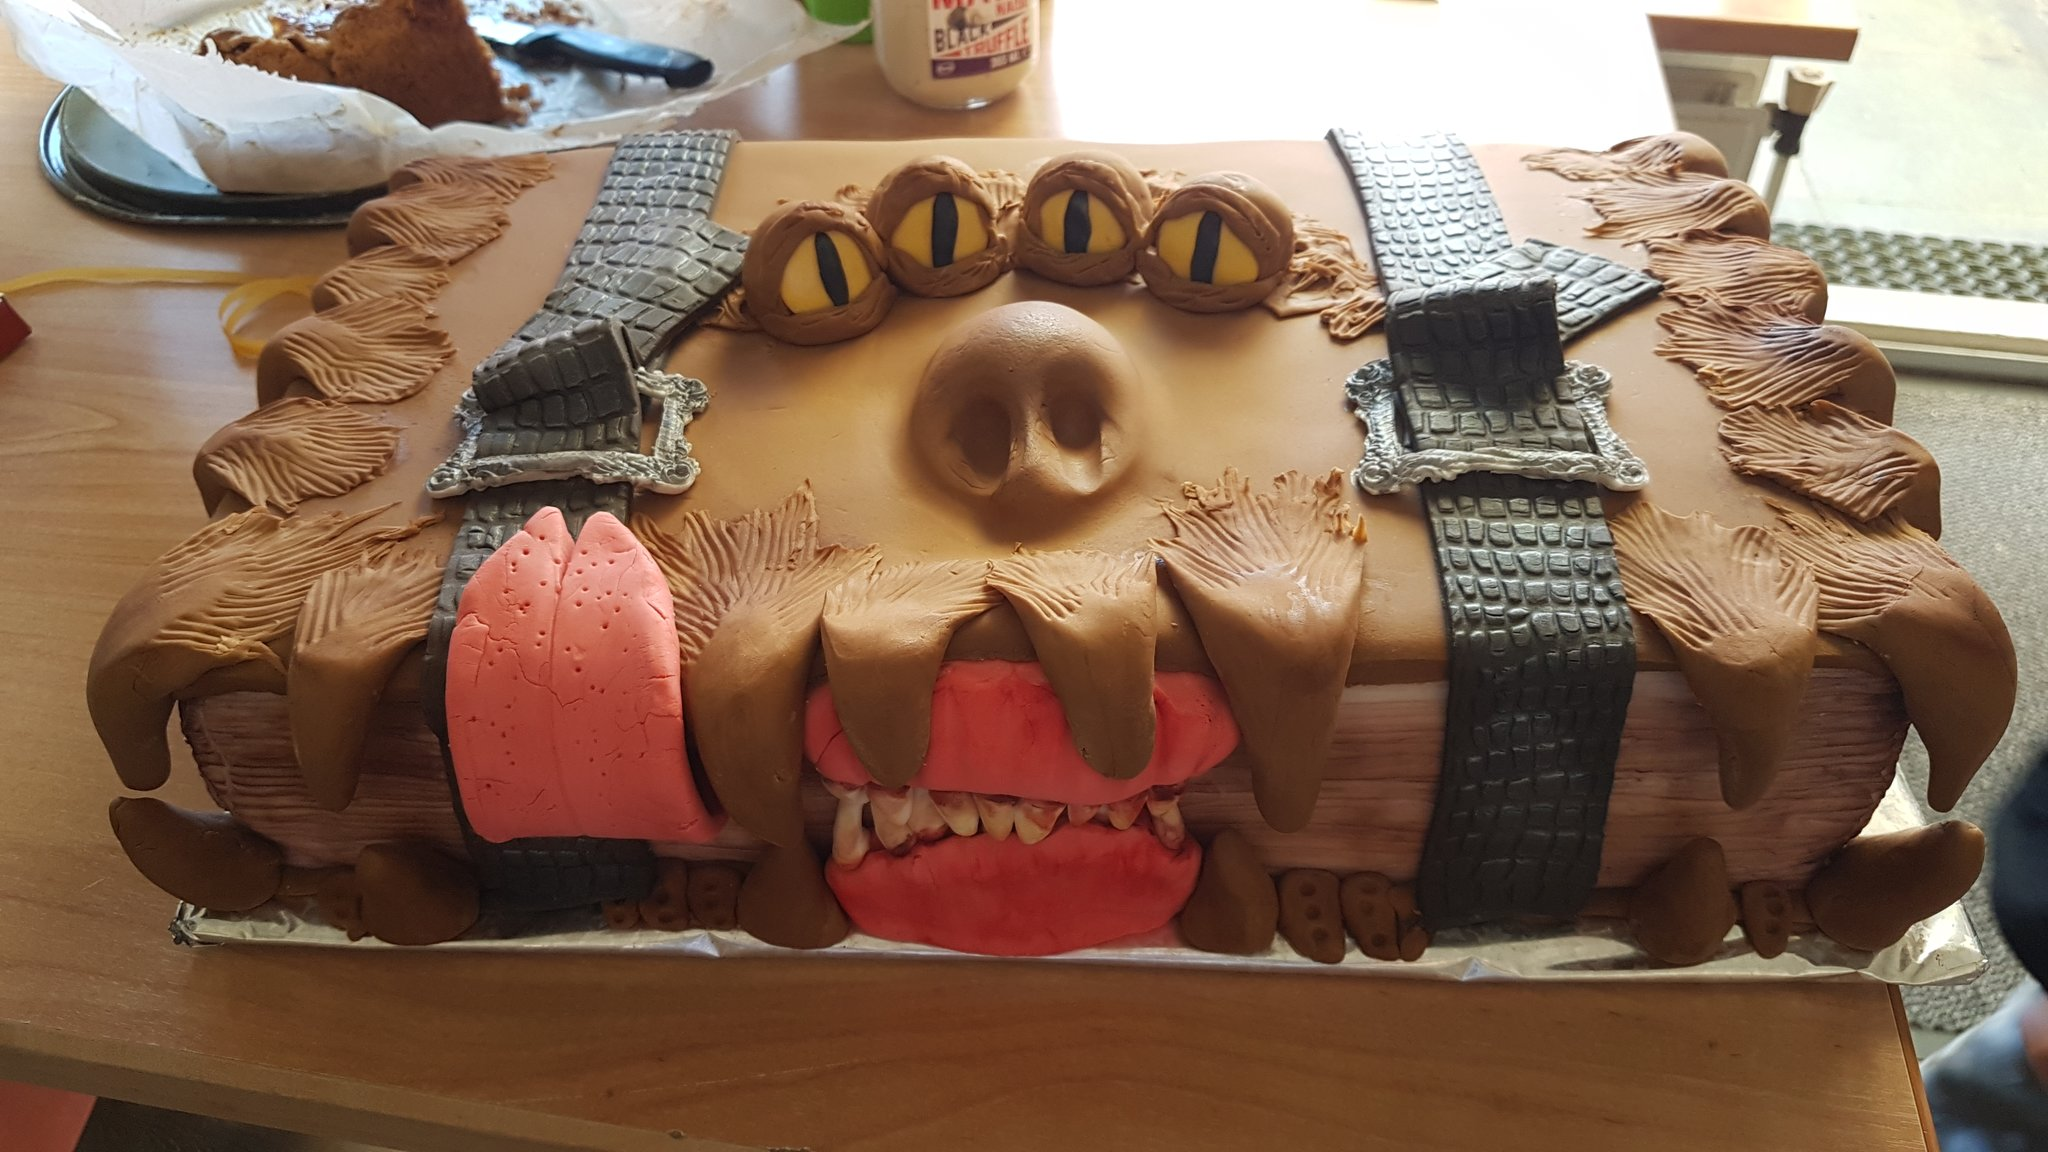 креативный торт на день рождения фото модели имеют перфорацию